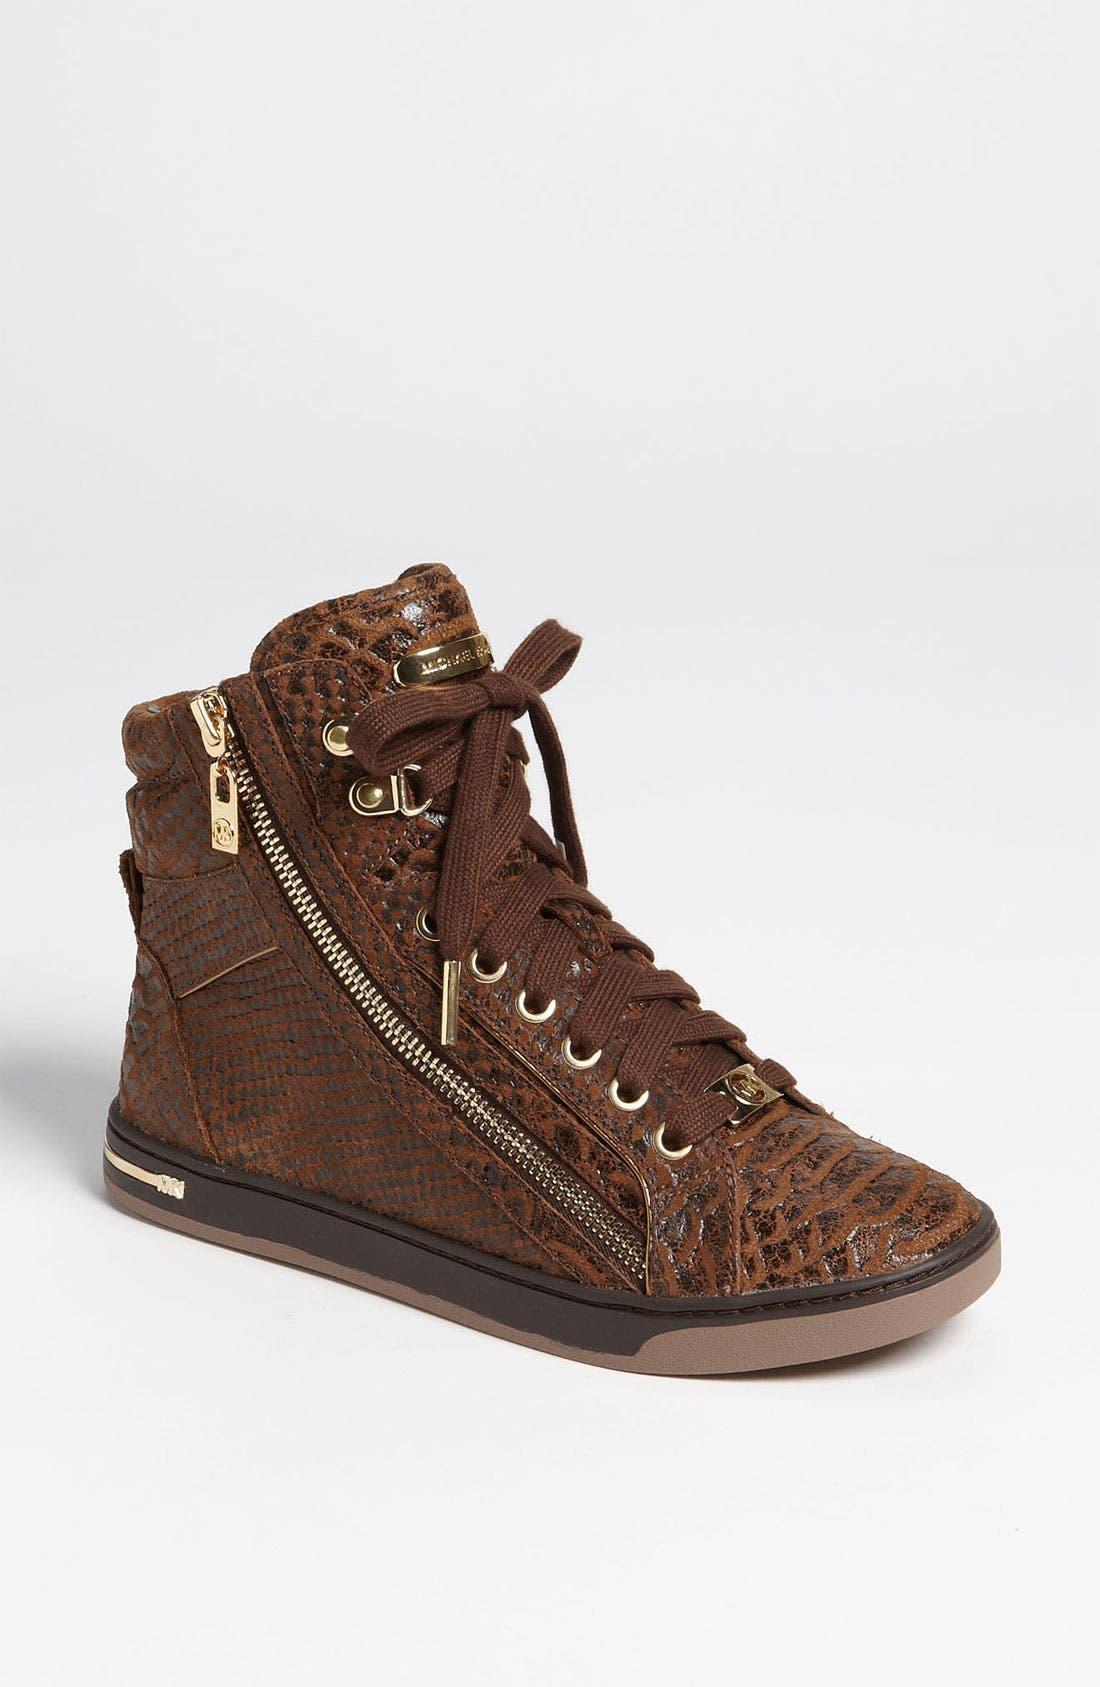 Alternate Image 1 Selected - MICHAEL Michael Kors 'Urban' Sneaker